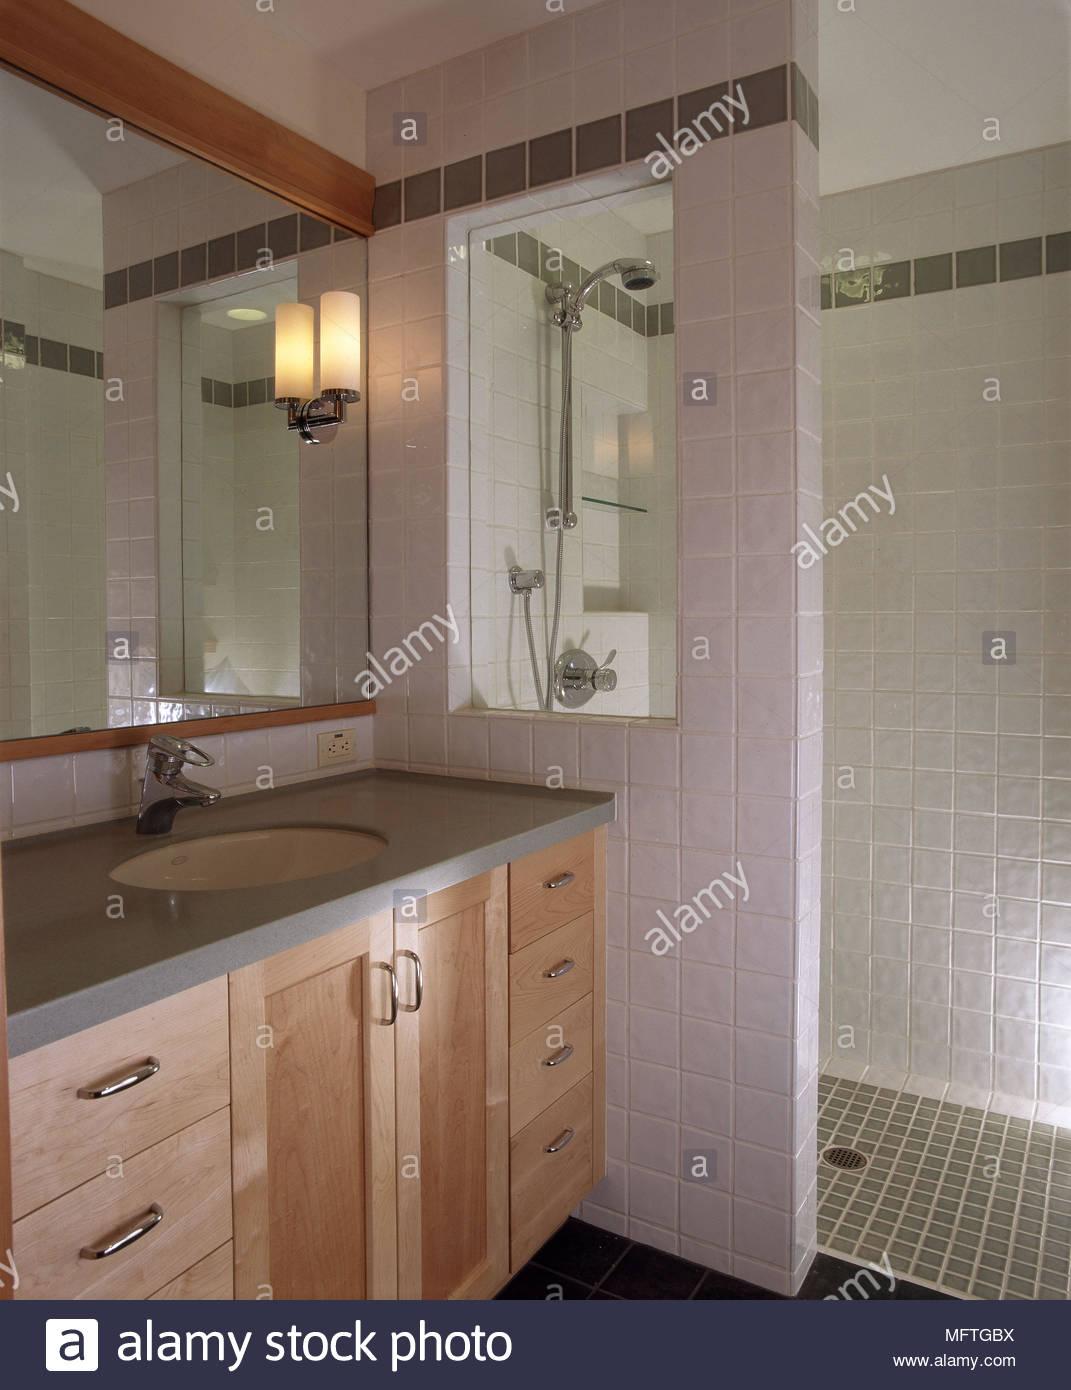 Full Size of Begehbare Duschen Moderne Rosa Badezimmer Waschbecken Schrank Dusche Breuer Kaufen Hsk Fliesen Ohne Tür Hüppe Schulte Werksverkauf Bodengleiche Sprinz Dusche Begehbare Duschen